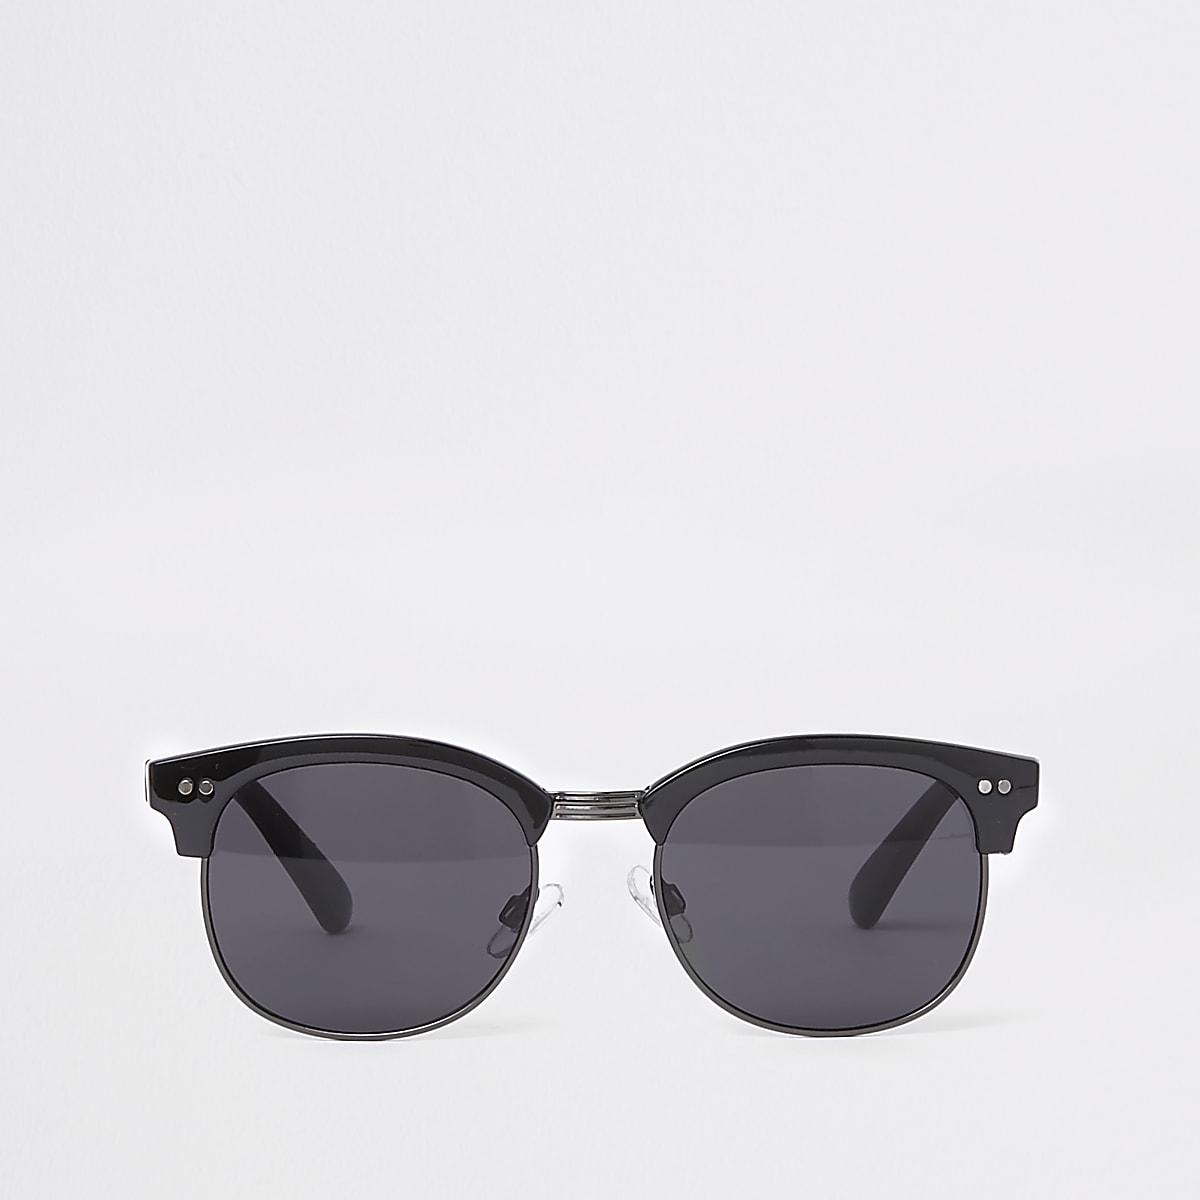 Black tinted lens retro frame sunglasses